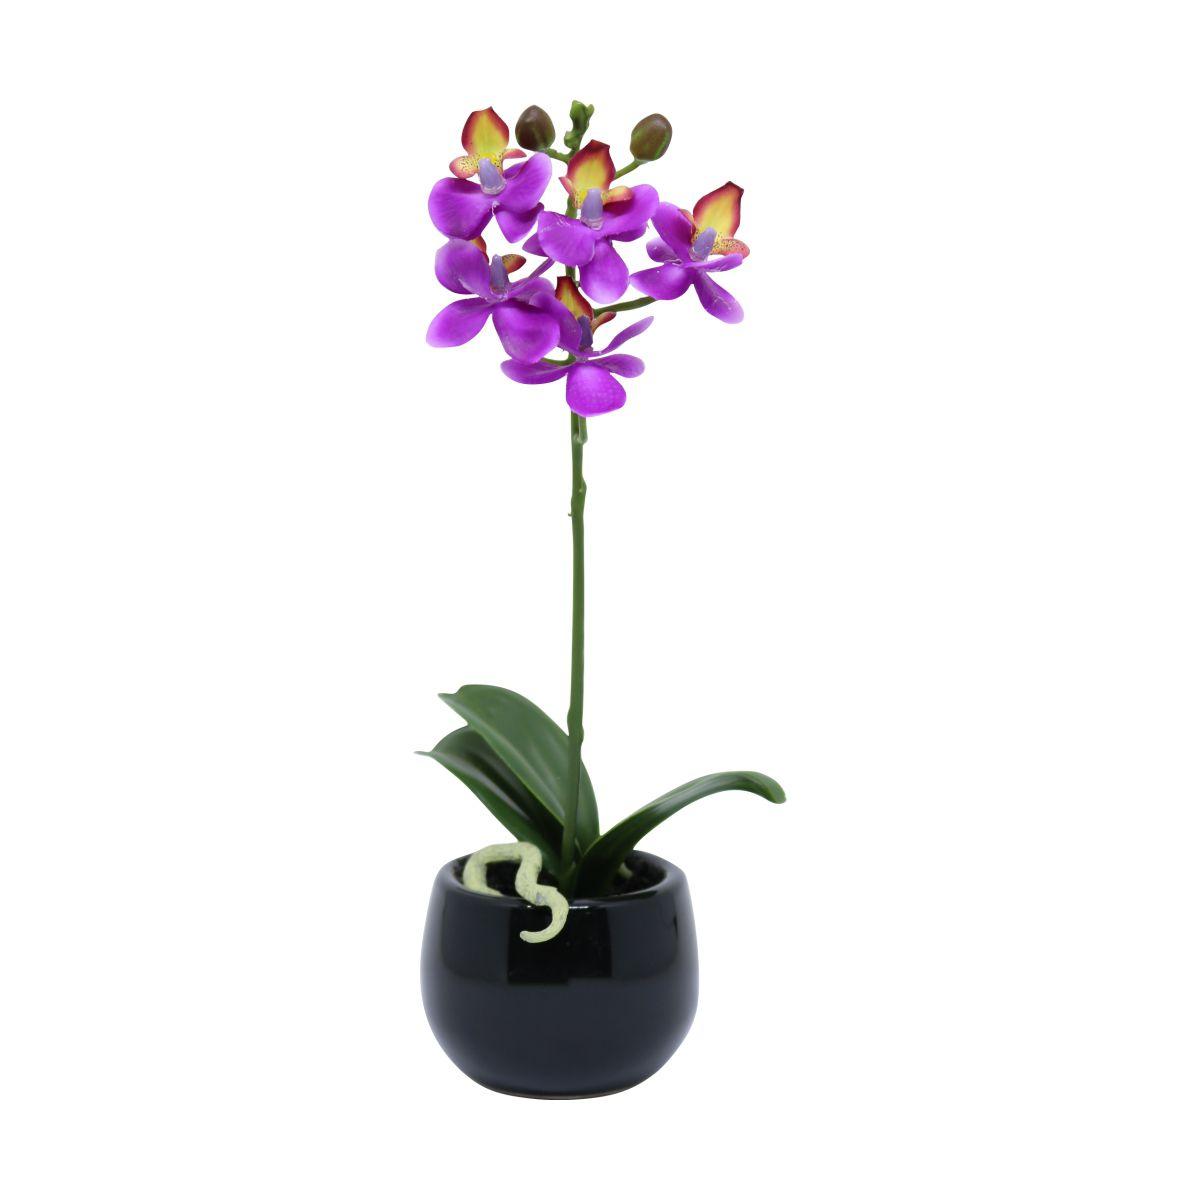 Orquídea Phalaenopsis artificial Roxa com Vaso Preto 25cm - 27548001R